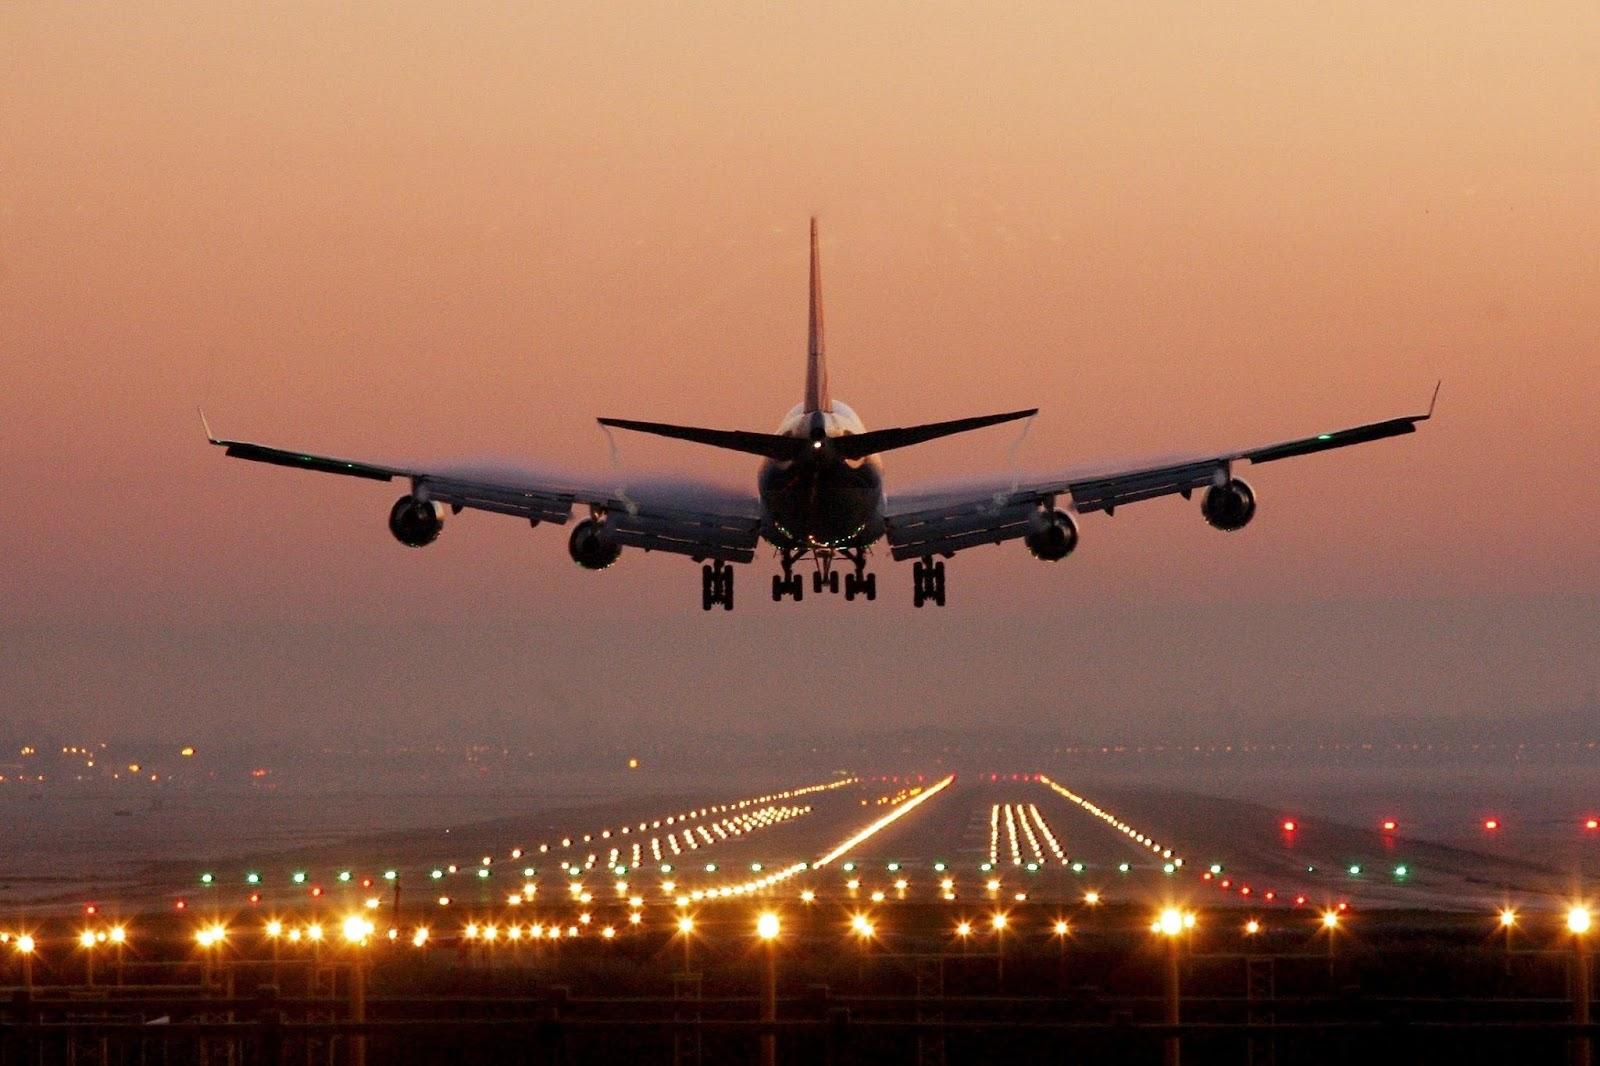 Helplavoro Assunzioni E Lavoro Negli Aeroporti Italiani